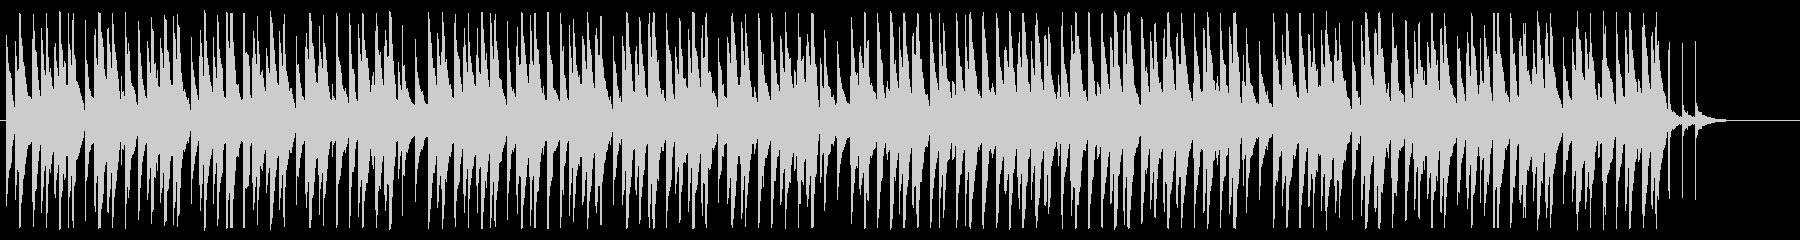 ピアノとベルを主体としたほのぼの日常系の未再生の波形